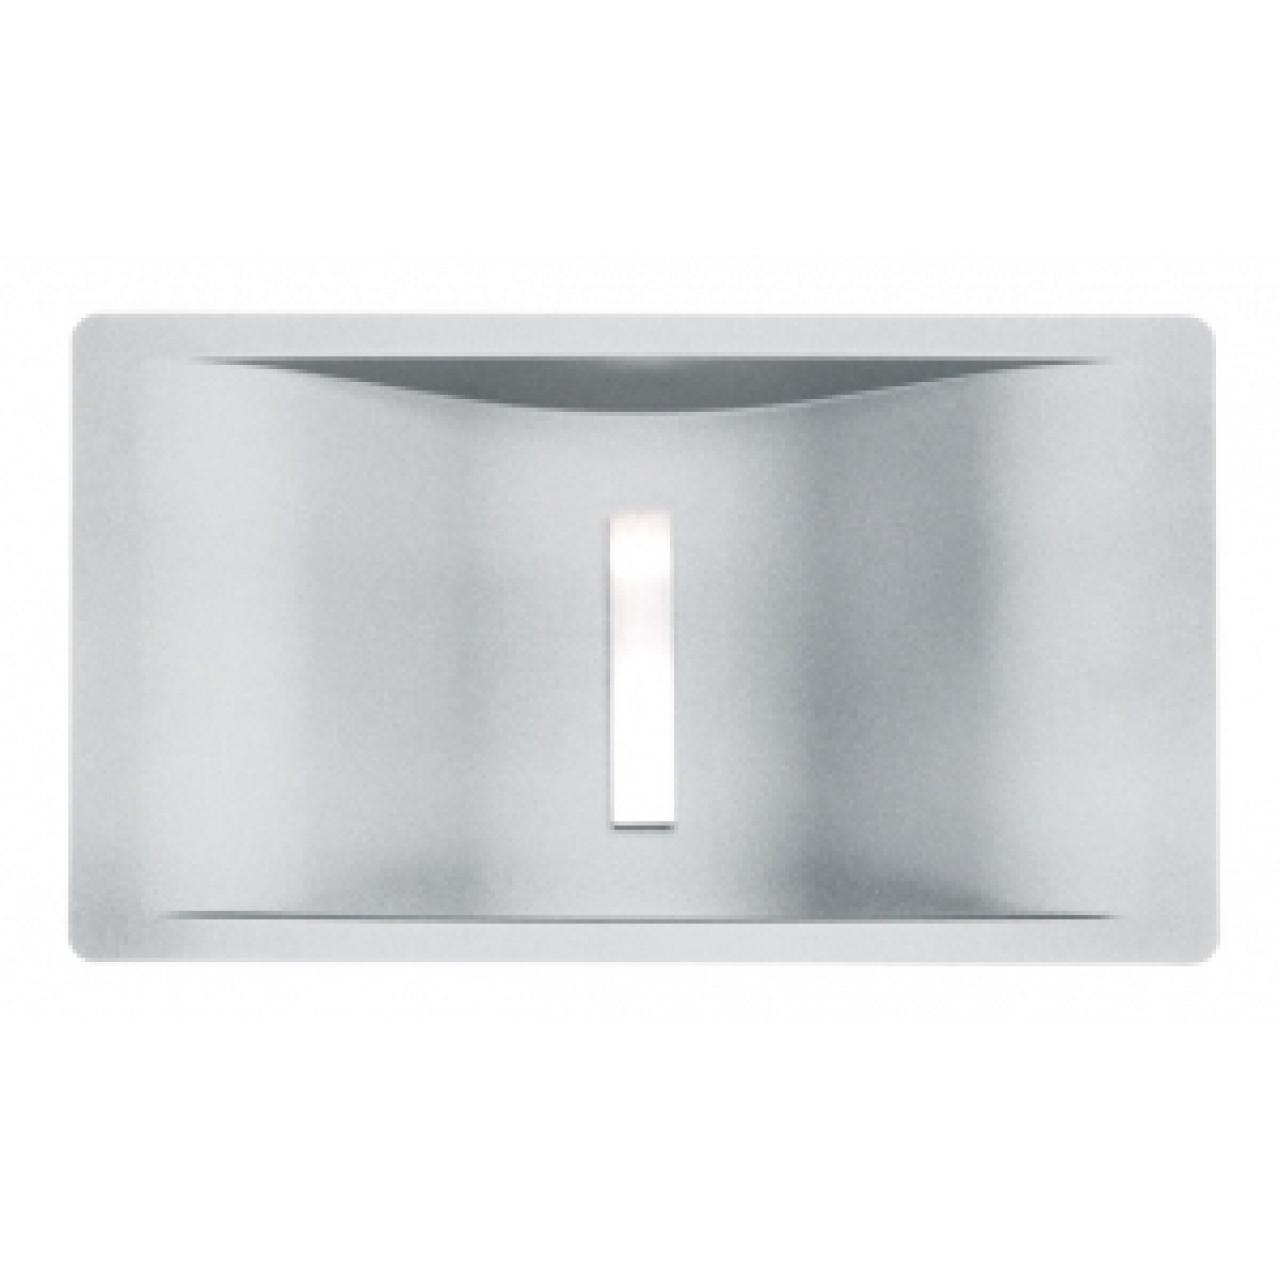 Кухонная мойка Reginox Wave 600х350 Arctic White OSP 43682 купить в Москве по цене от 32300р. в интернет-магазине mebel-v-vannu.ru